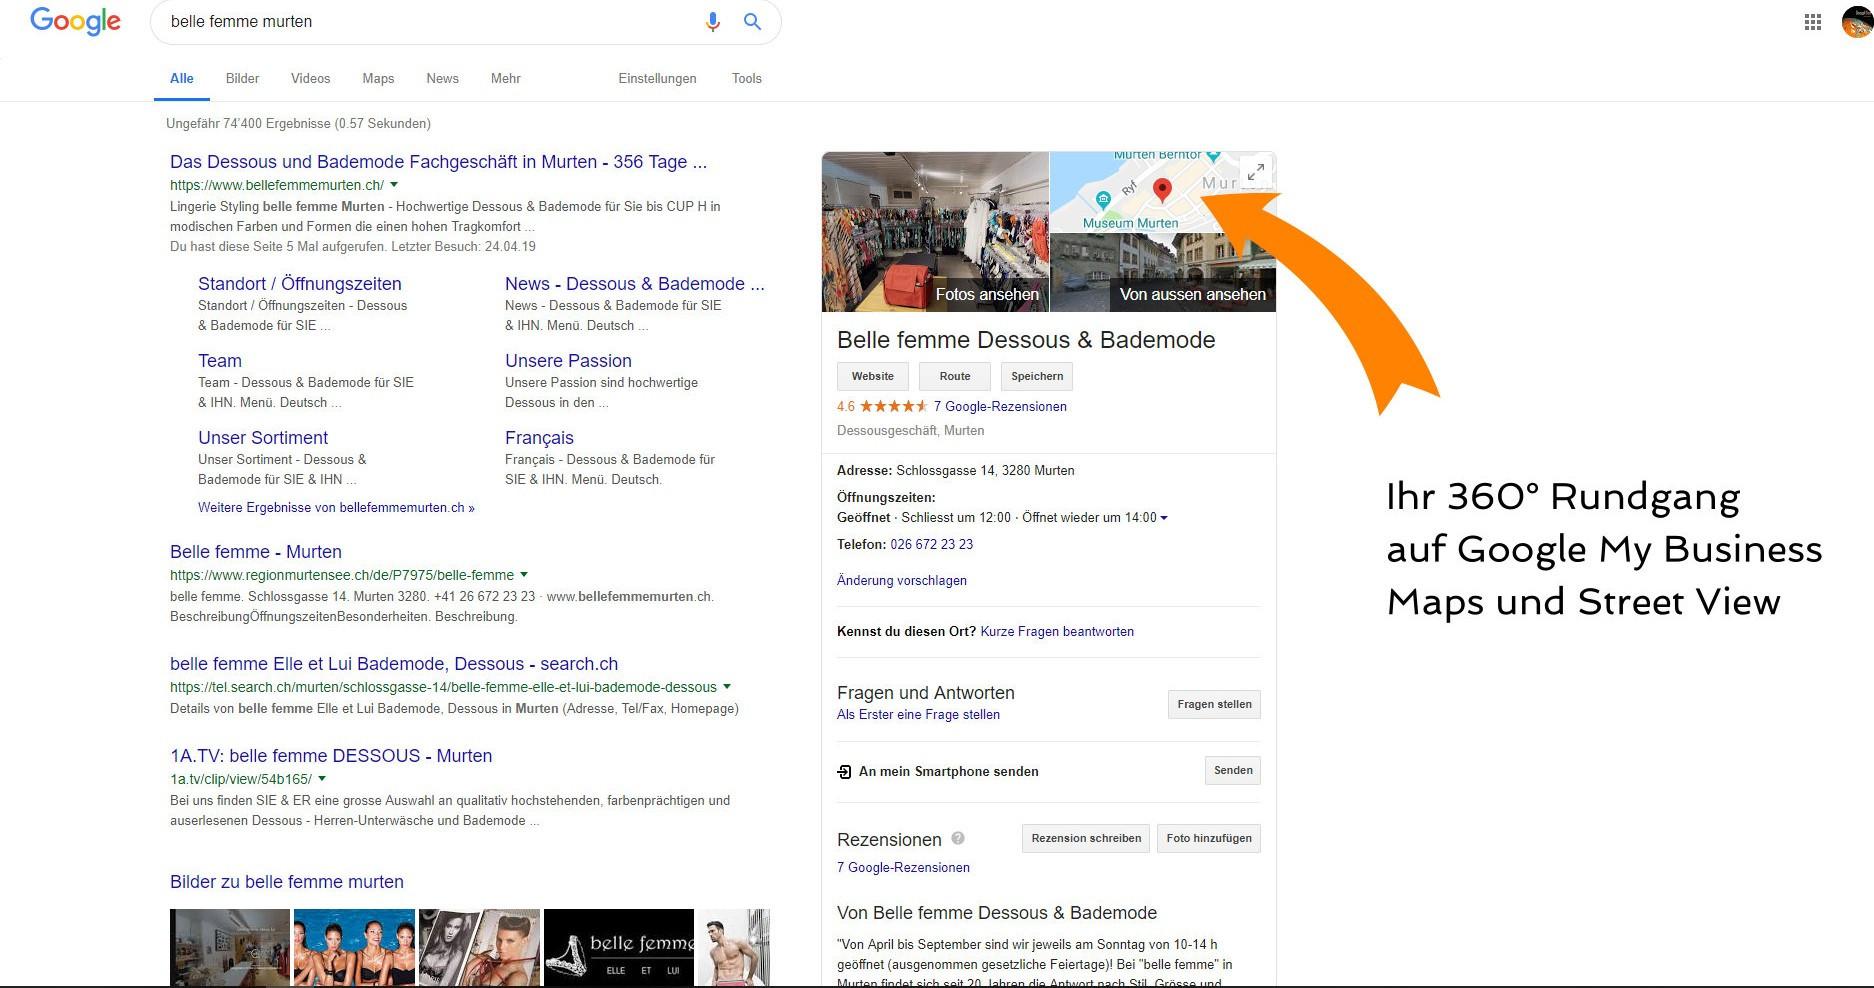 Ansicht Google My Business in der Google Suche